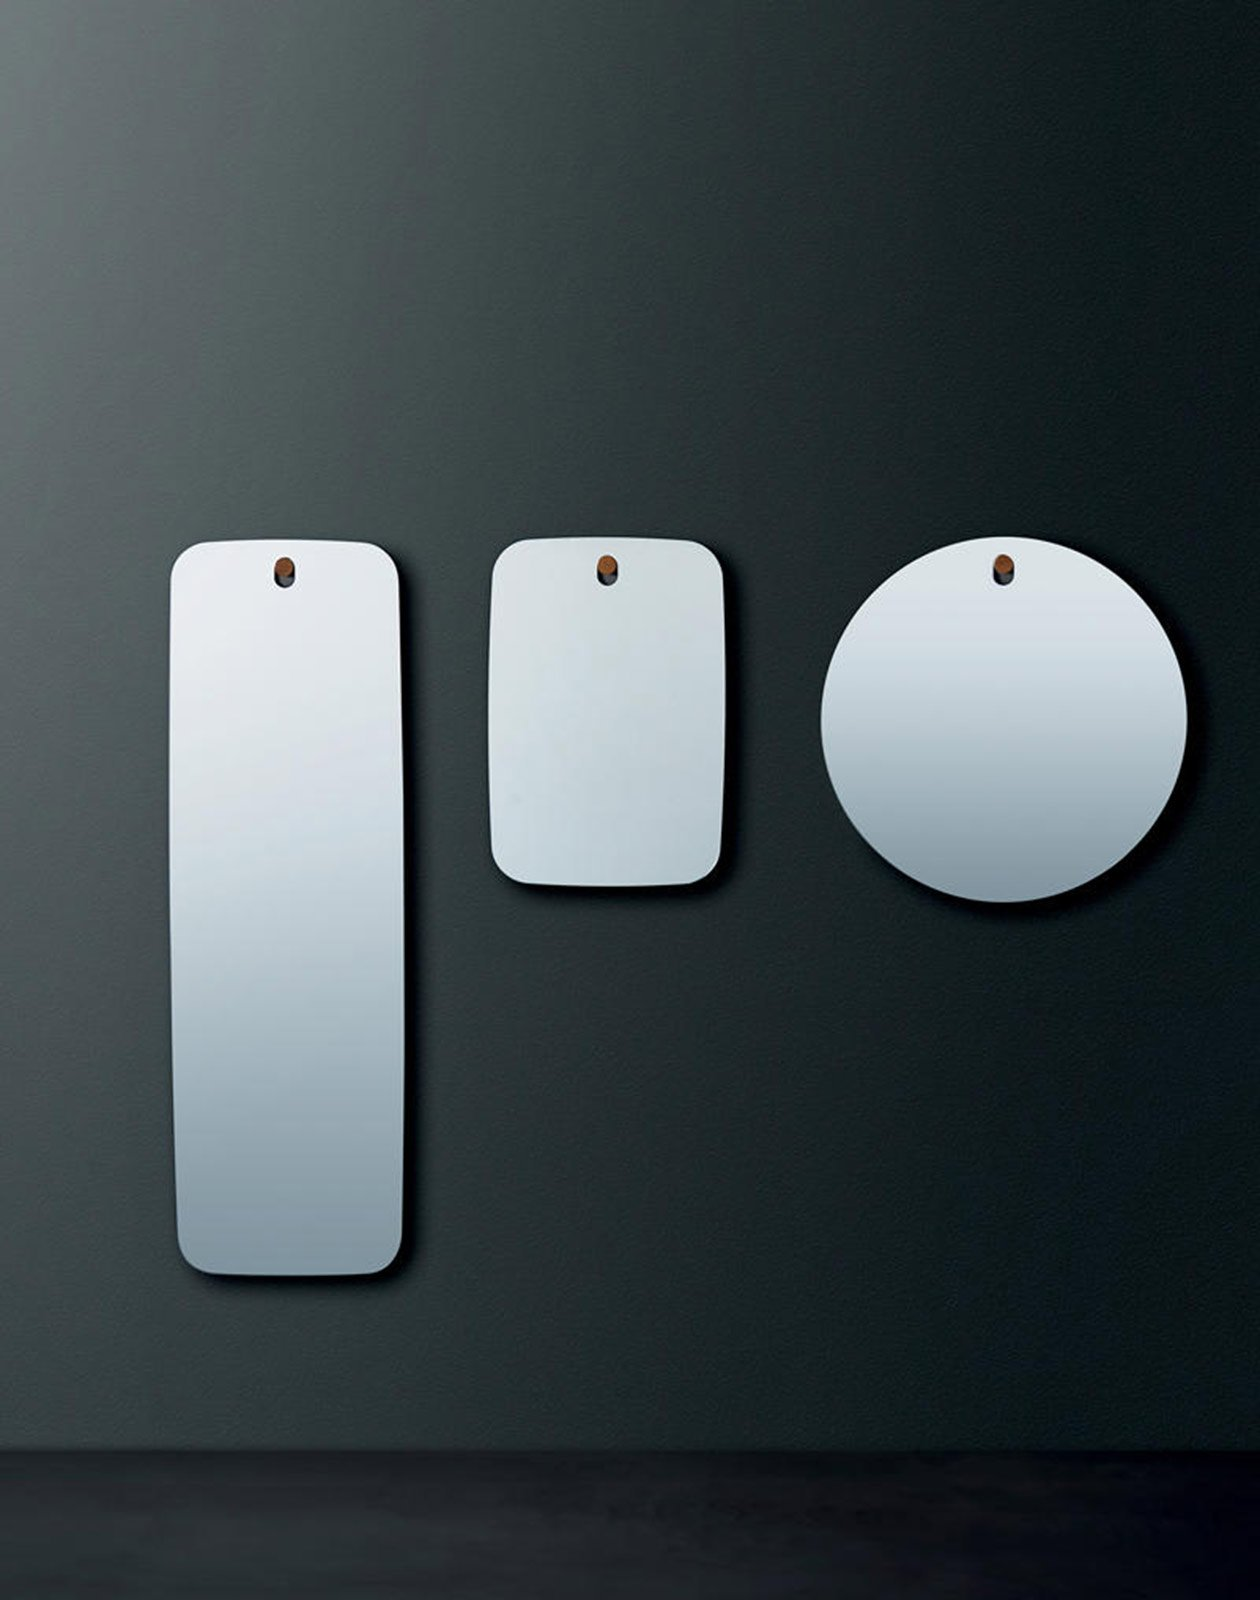 Specchi questione di riflessi cose di casa - Specchio tondo ikea ...